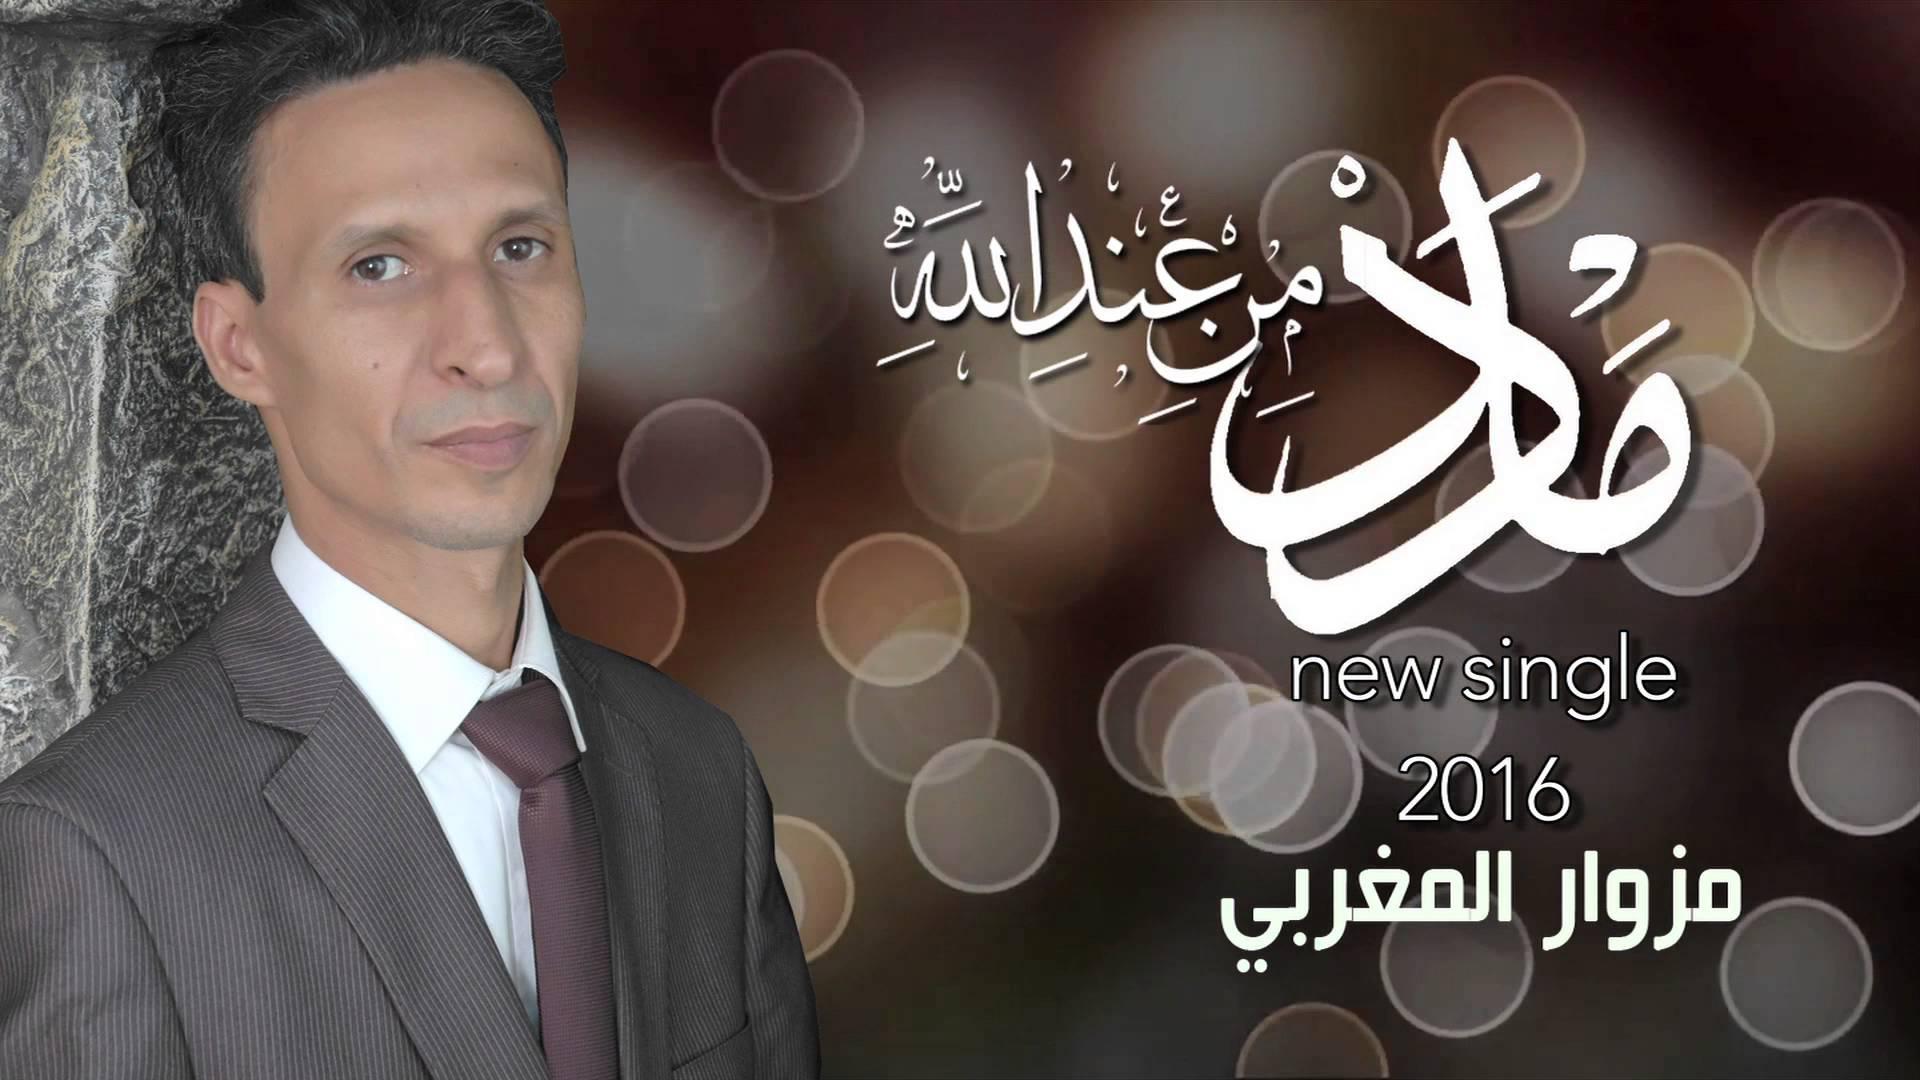 بالصور اناشيد اسلامية جديدة , اجمل الاناشيد الاسلاميه الجديده 127 3